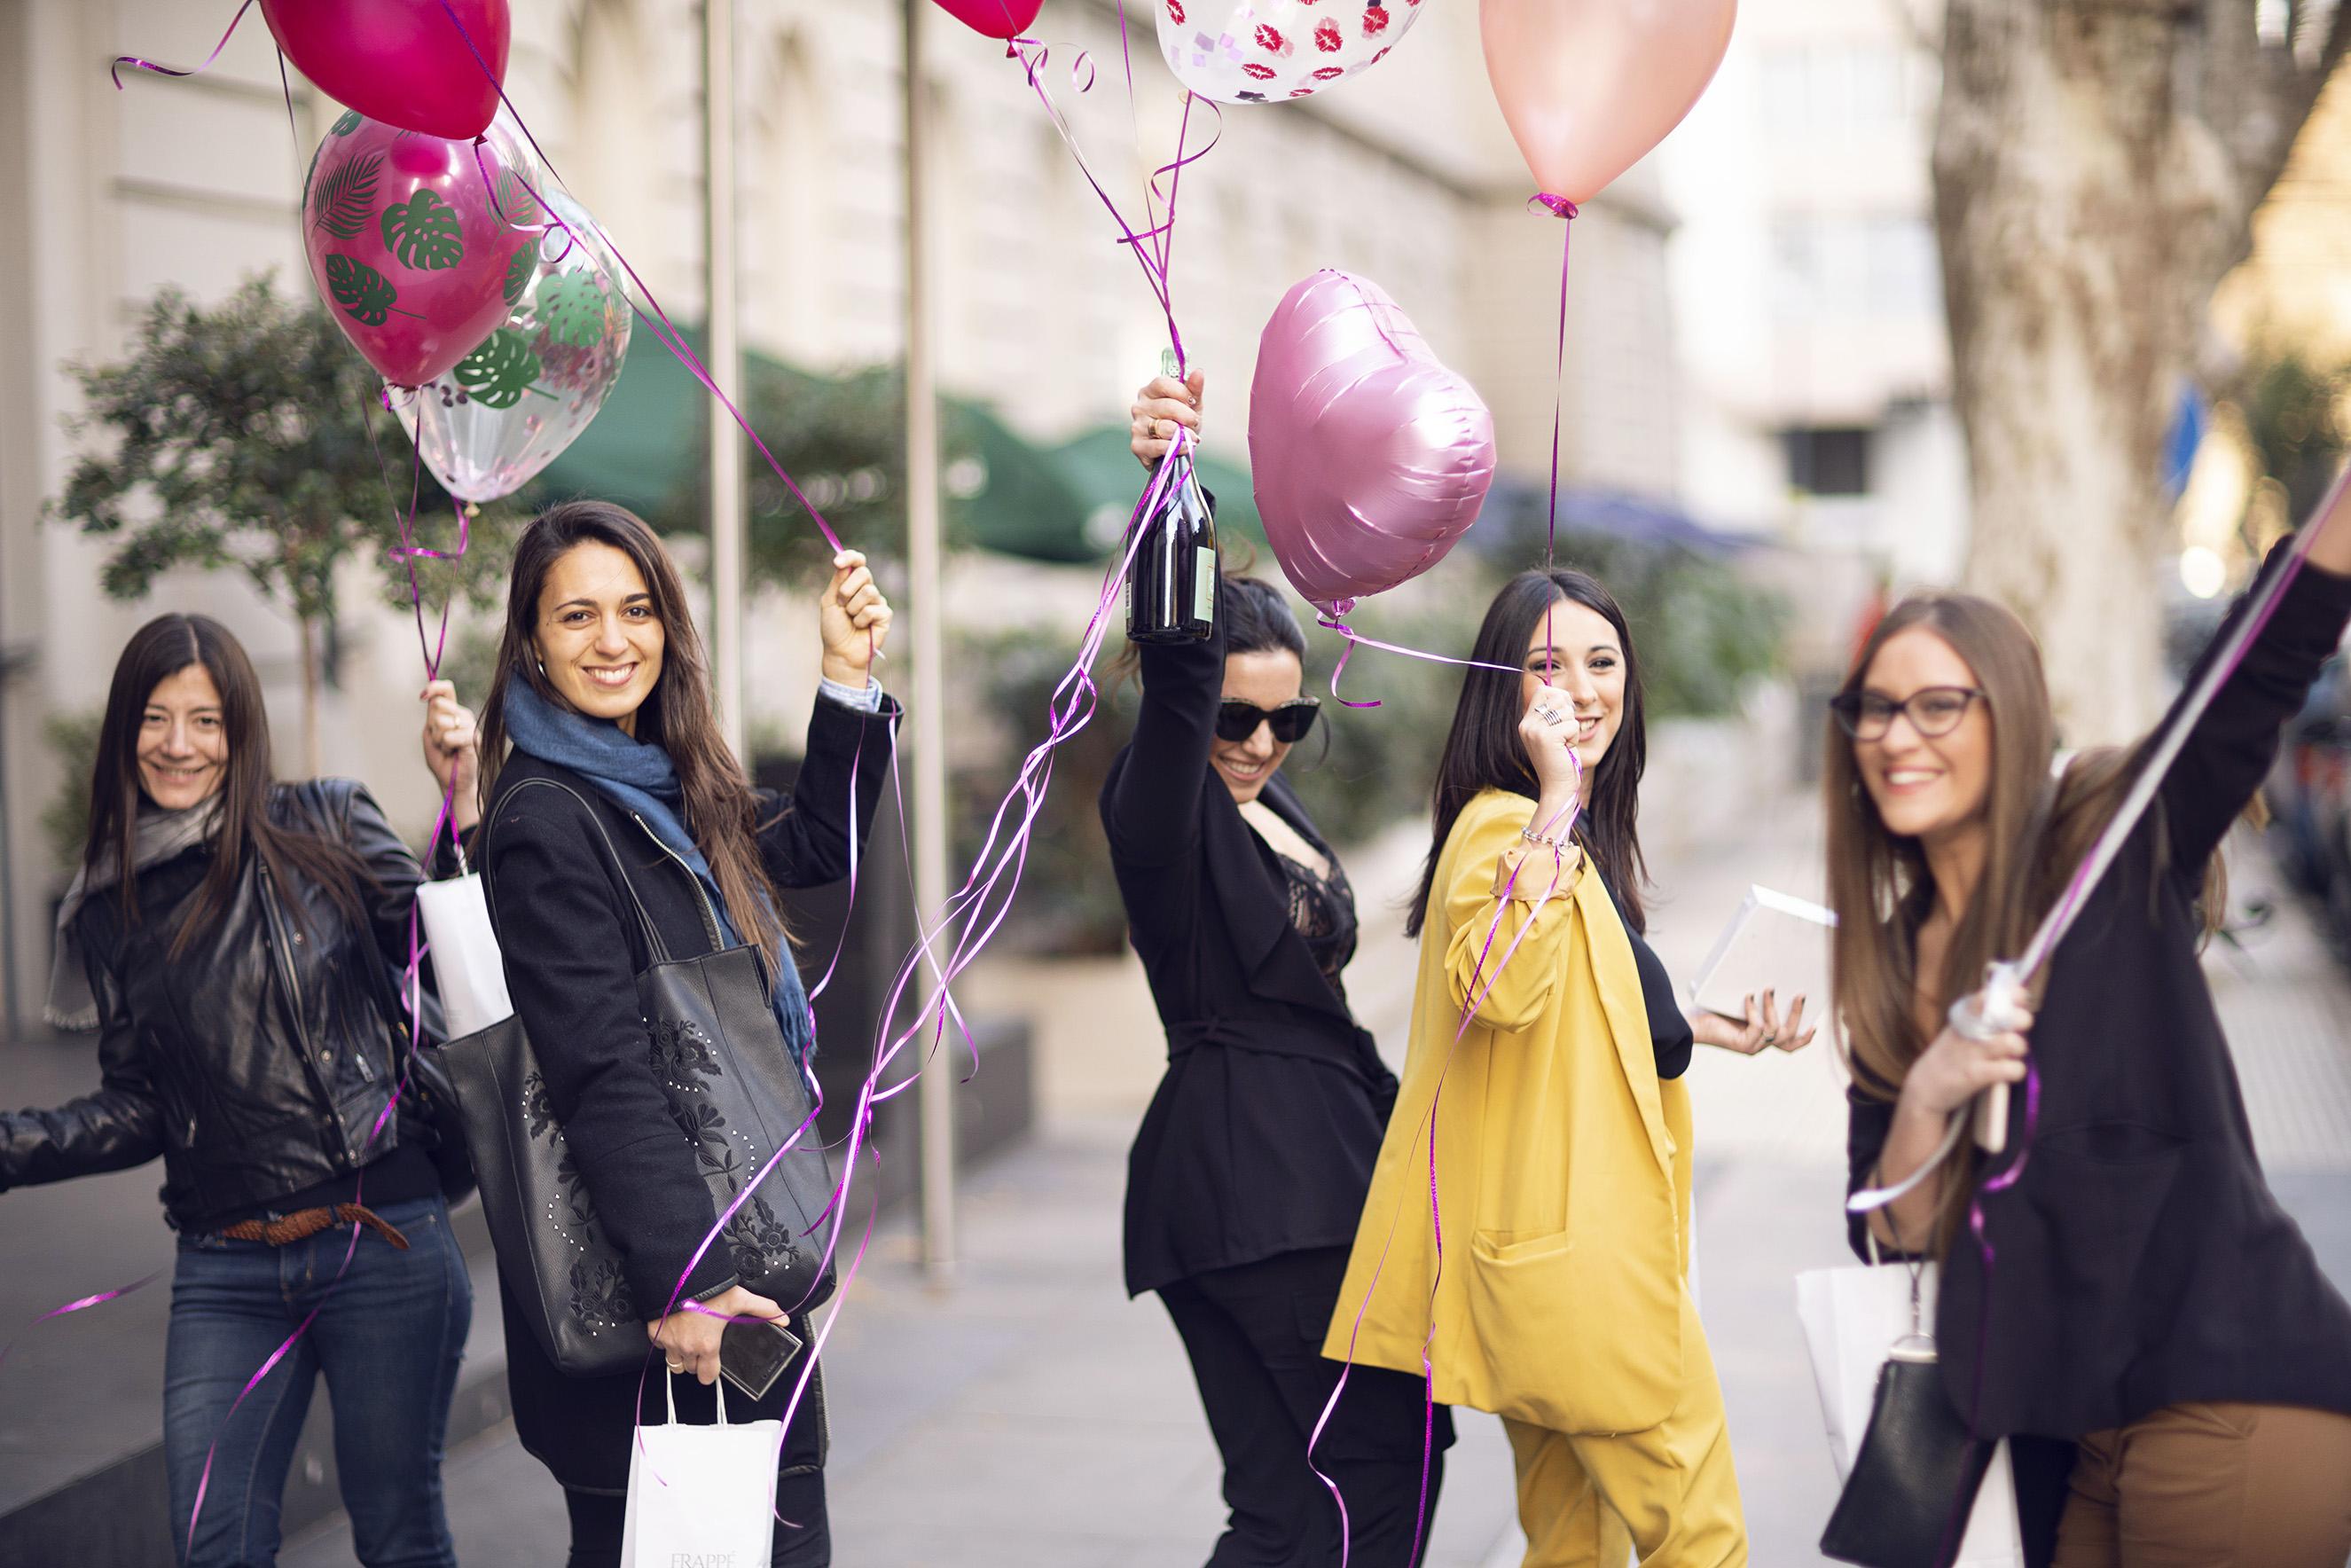 #AlcortaEditionXVisa Moda, diseñadores & experiencias VIP